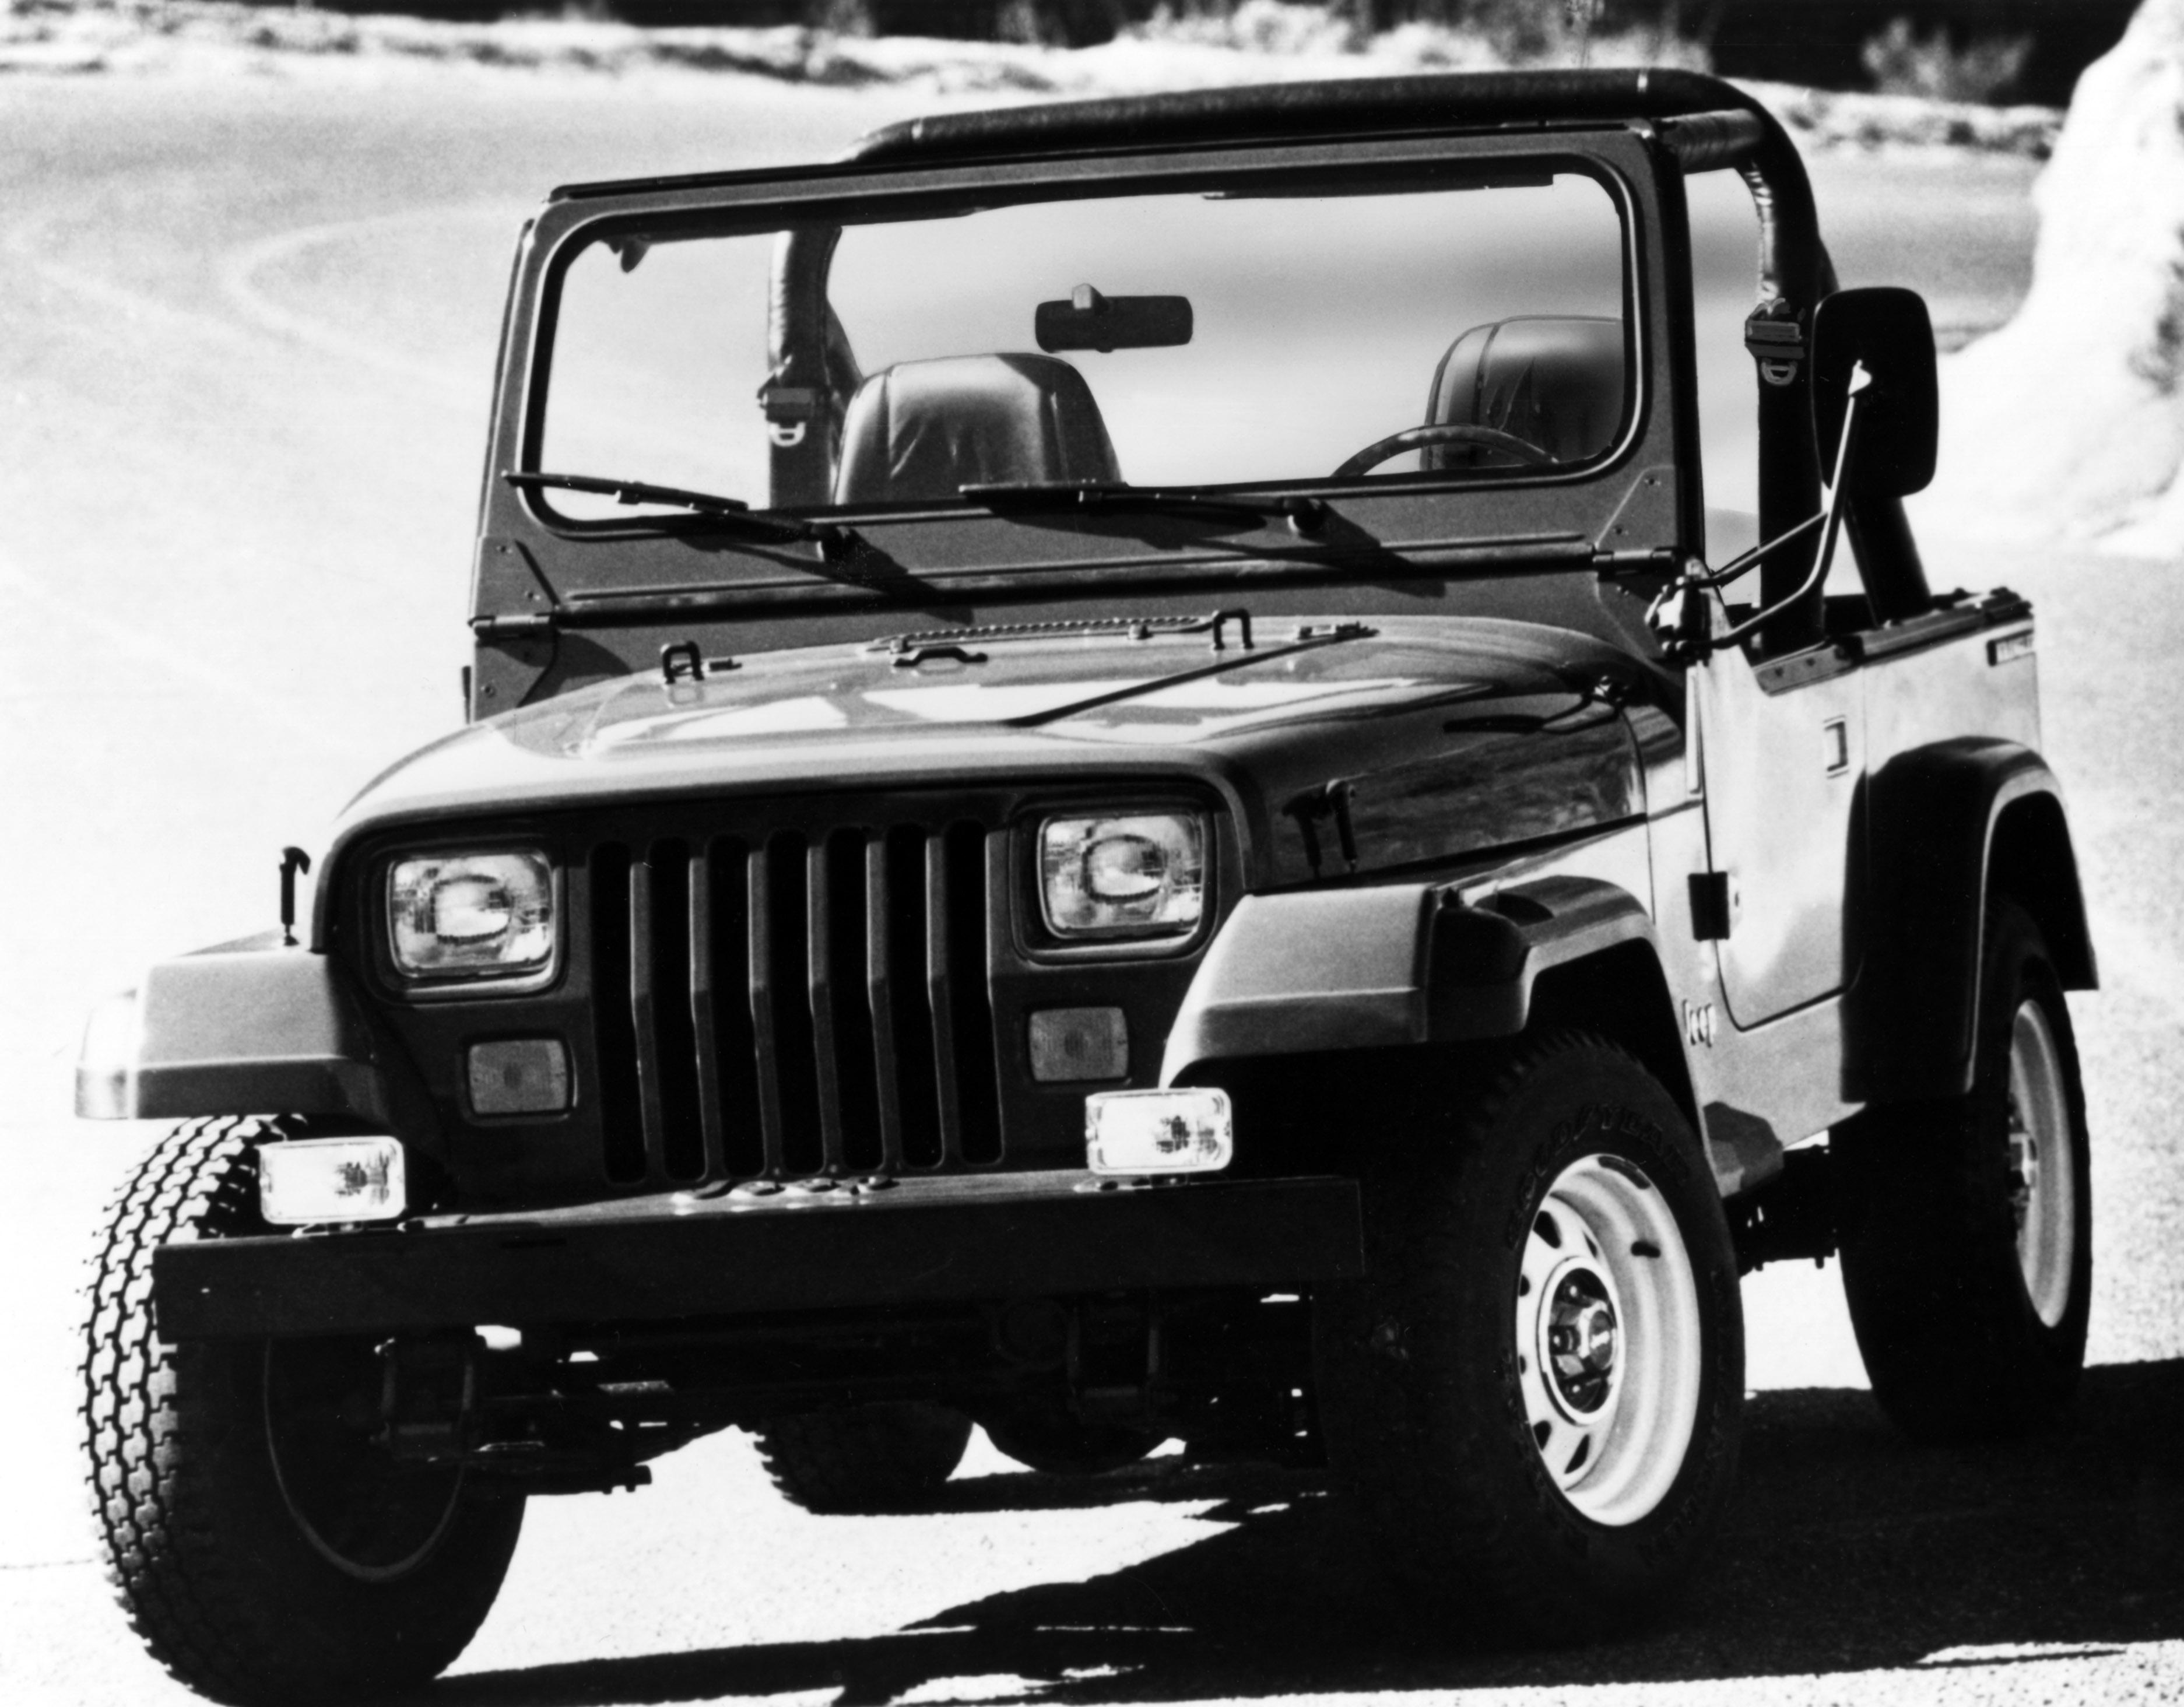 Jeep Wrangler I (YJ) 1986 - 1995 SUV #6